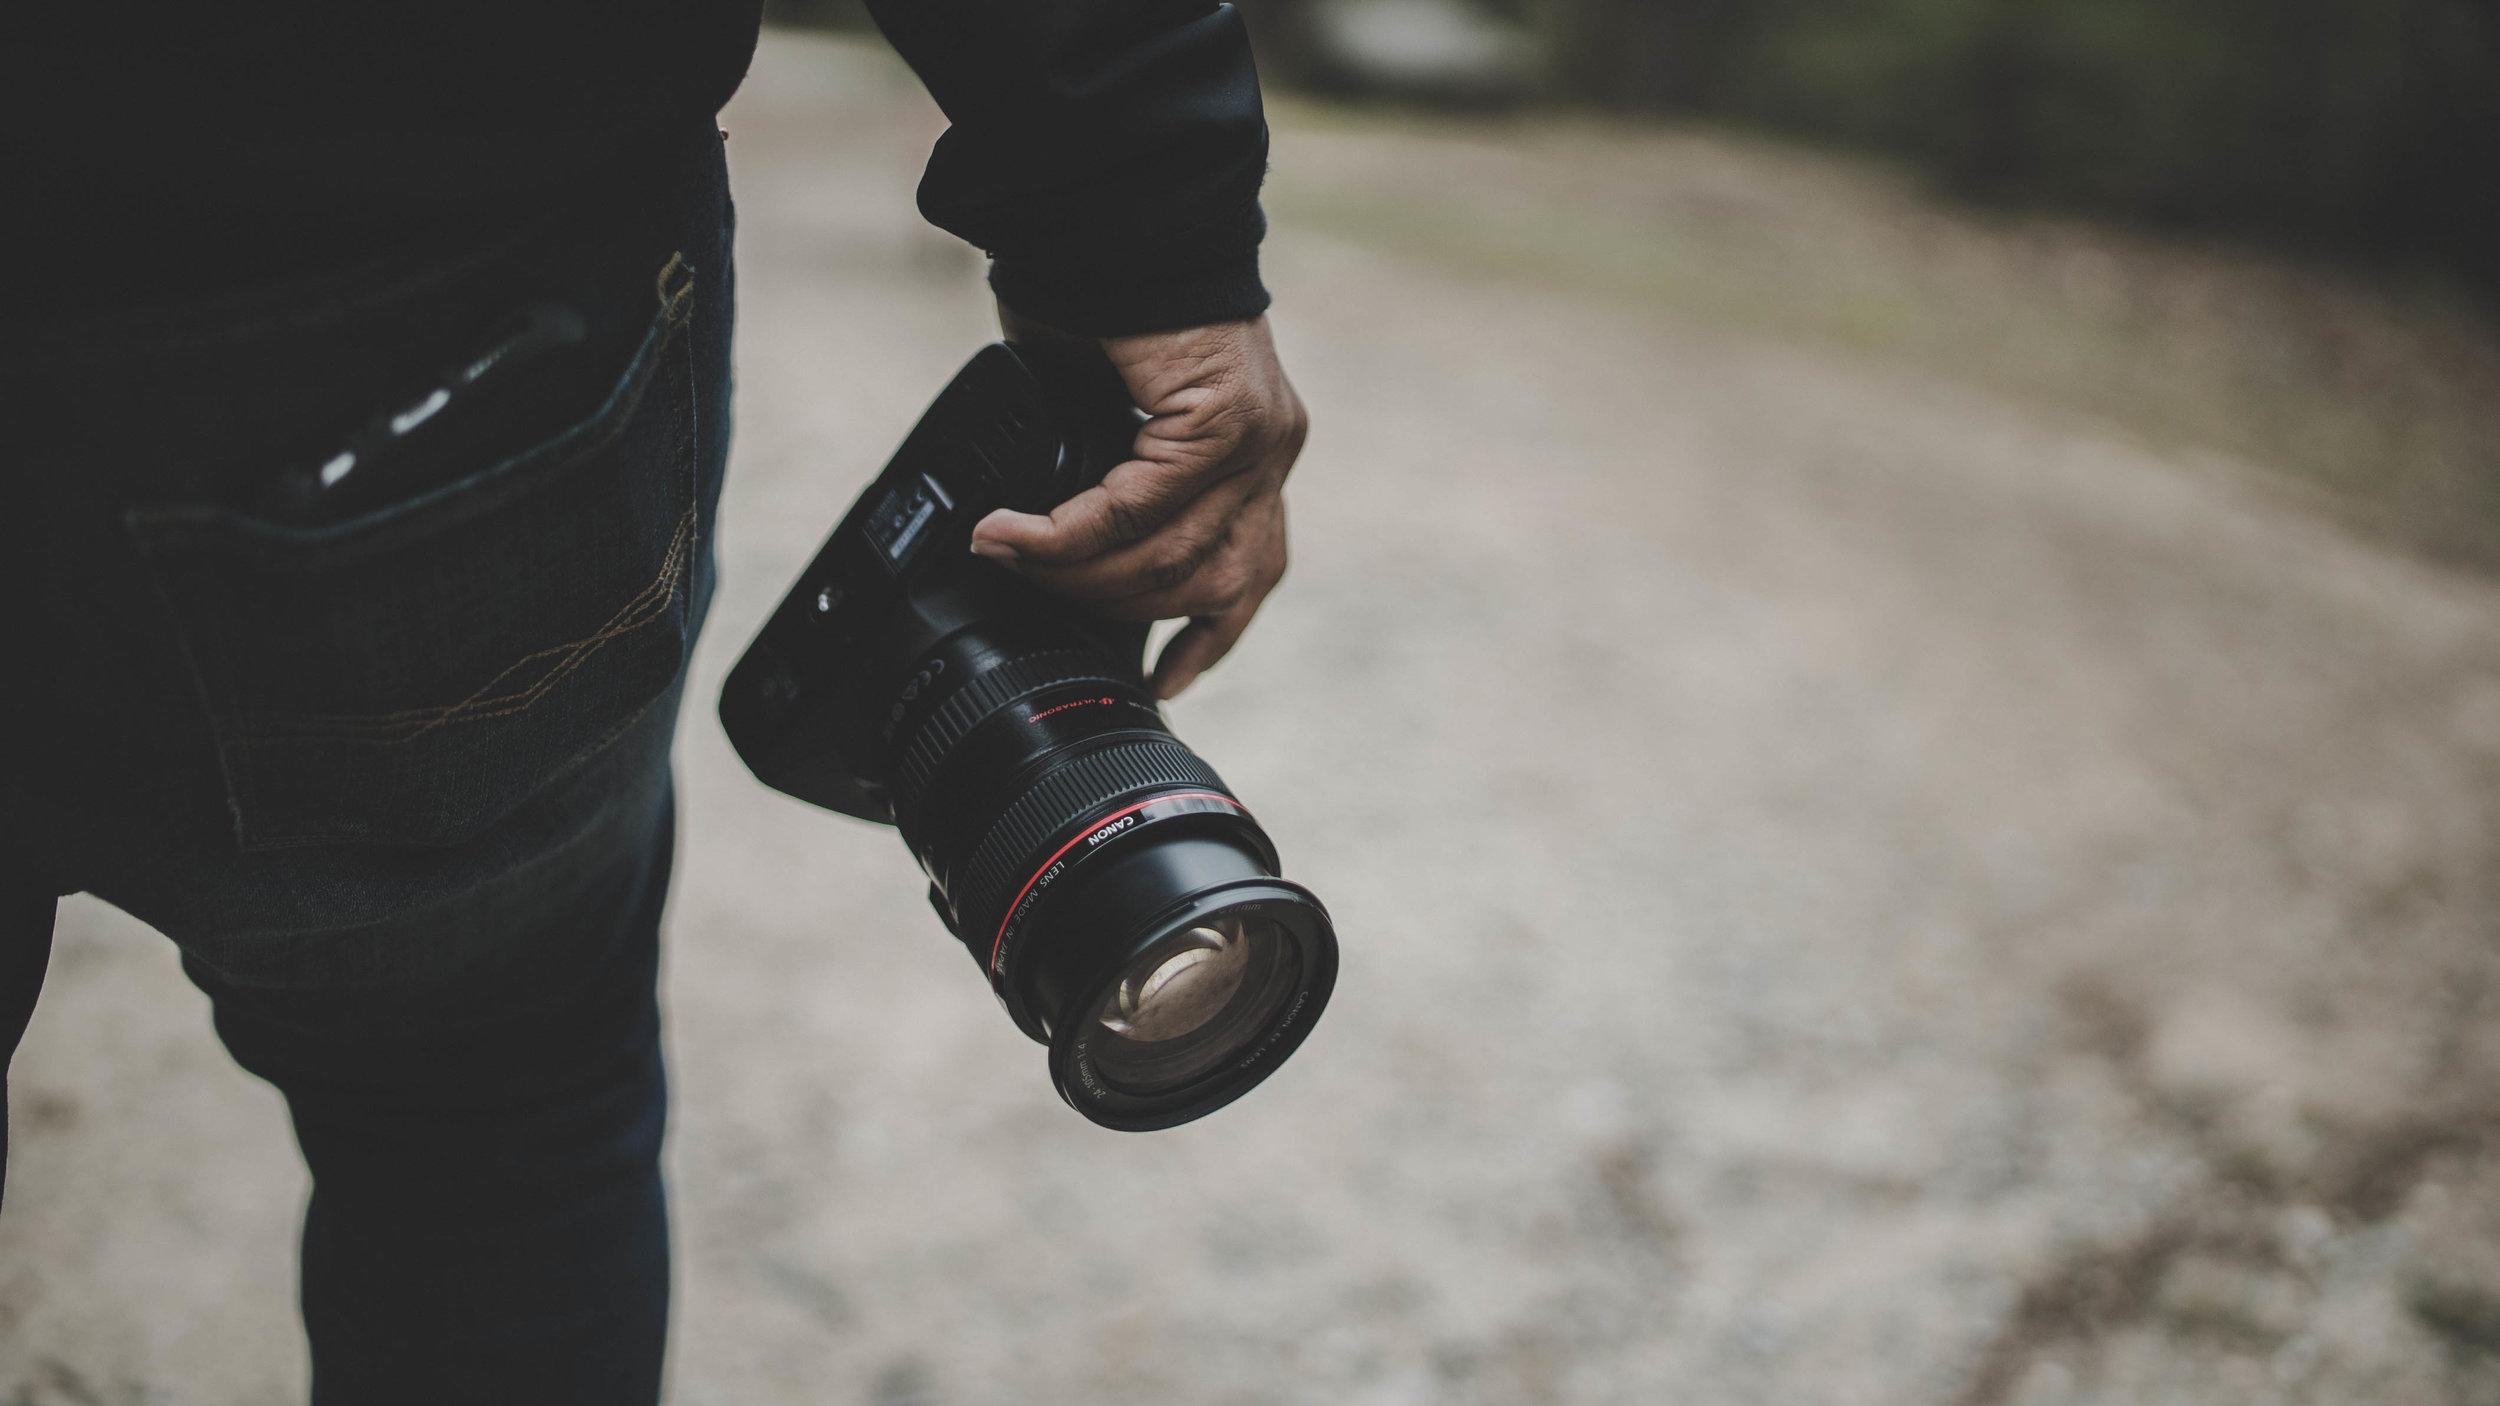 Mit der richtigen Botschaft motivieren. - Kurz & Prägnant: Die Zielgruppe abholen & Themeneinführung.Storytelling: Verständlicher und spannender Zugang zum Lerninhalt.Film & Video: Zugängliches und bereit einsatzbares Medium.